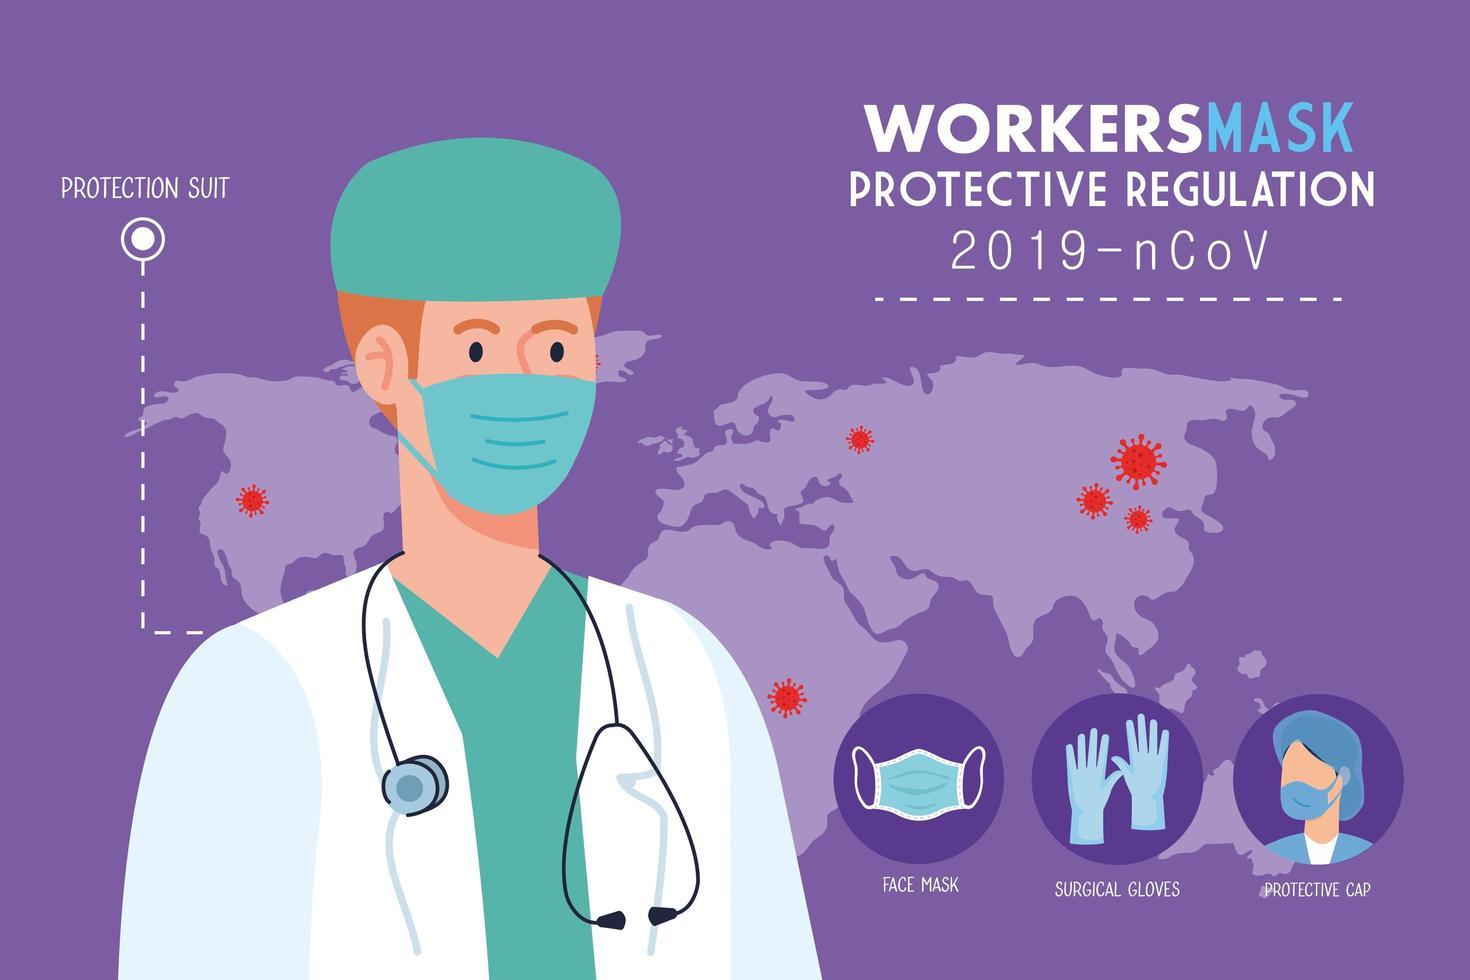 medico che indossa una maschera medica contro il 2019 ncov, con regolamento protettivo per la prevenzione del coronavirus, concetto di pandemia vettore